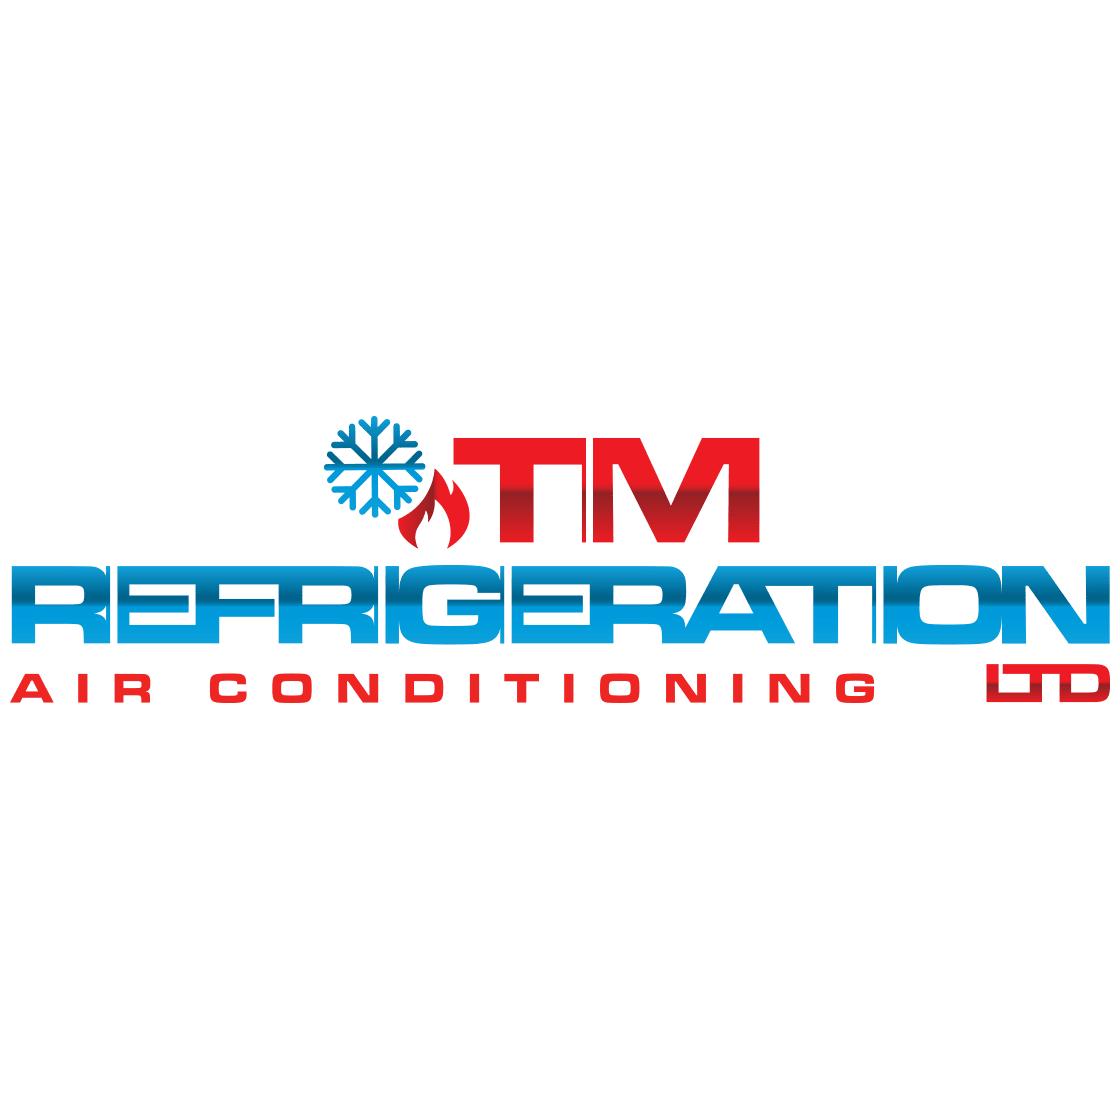 TM Refrigeration Ltd